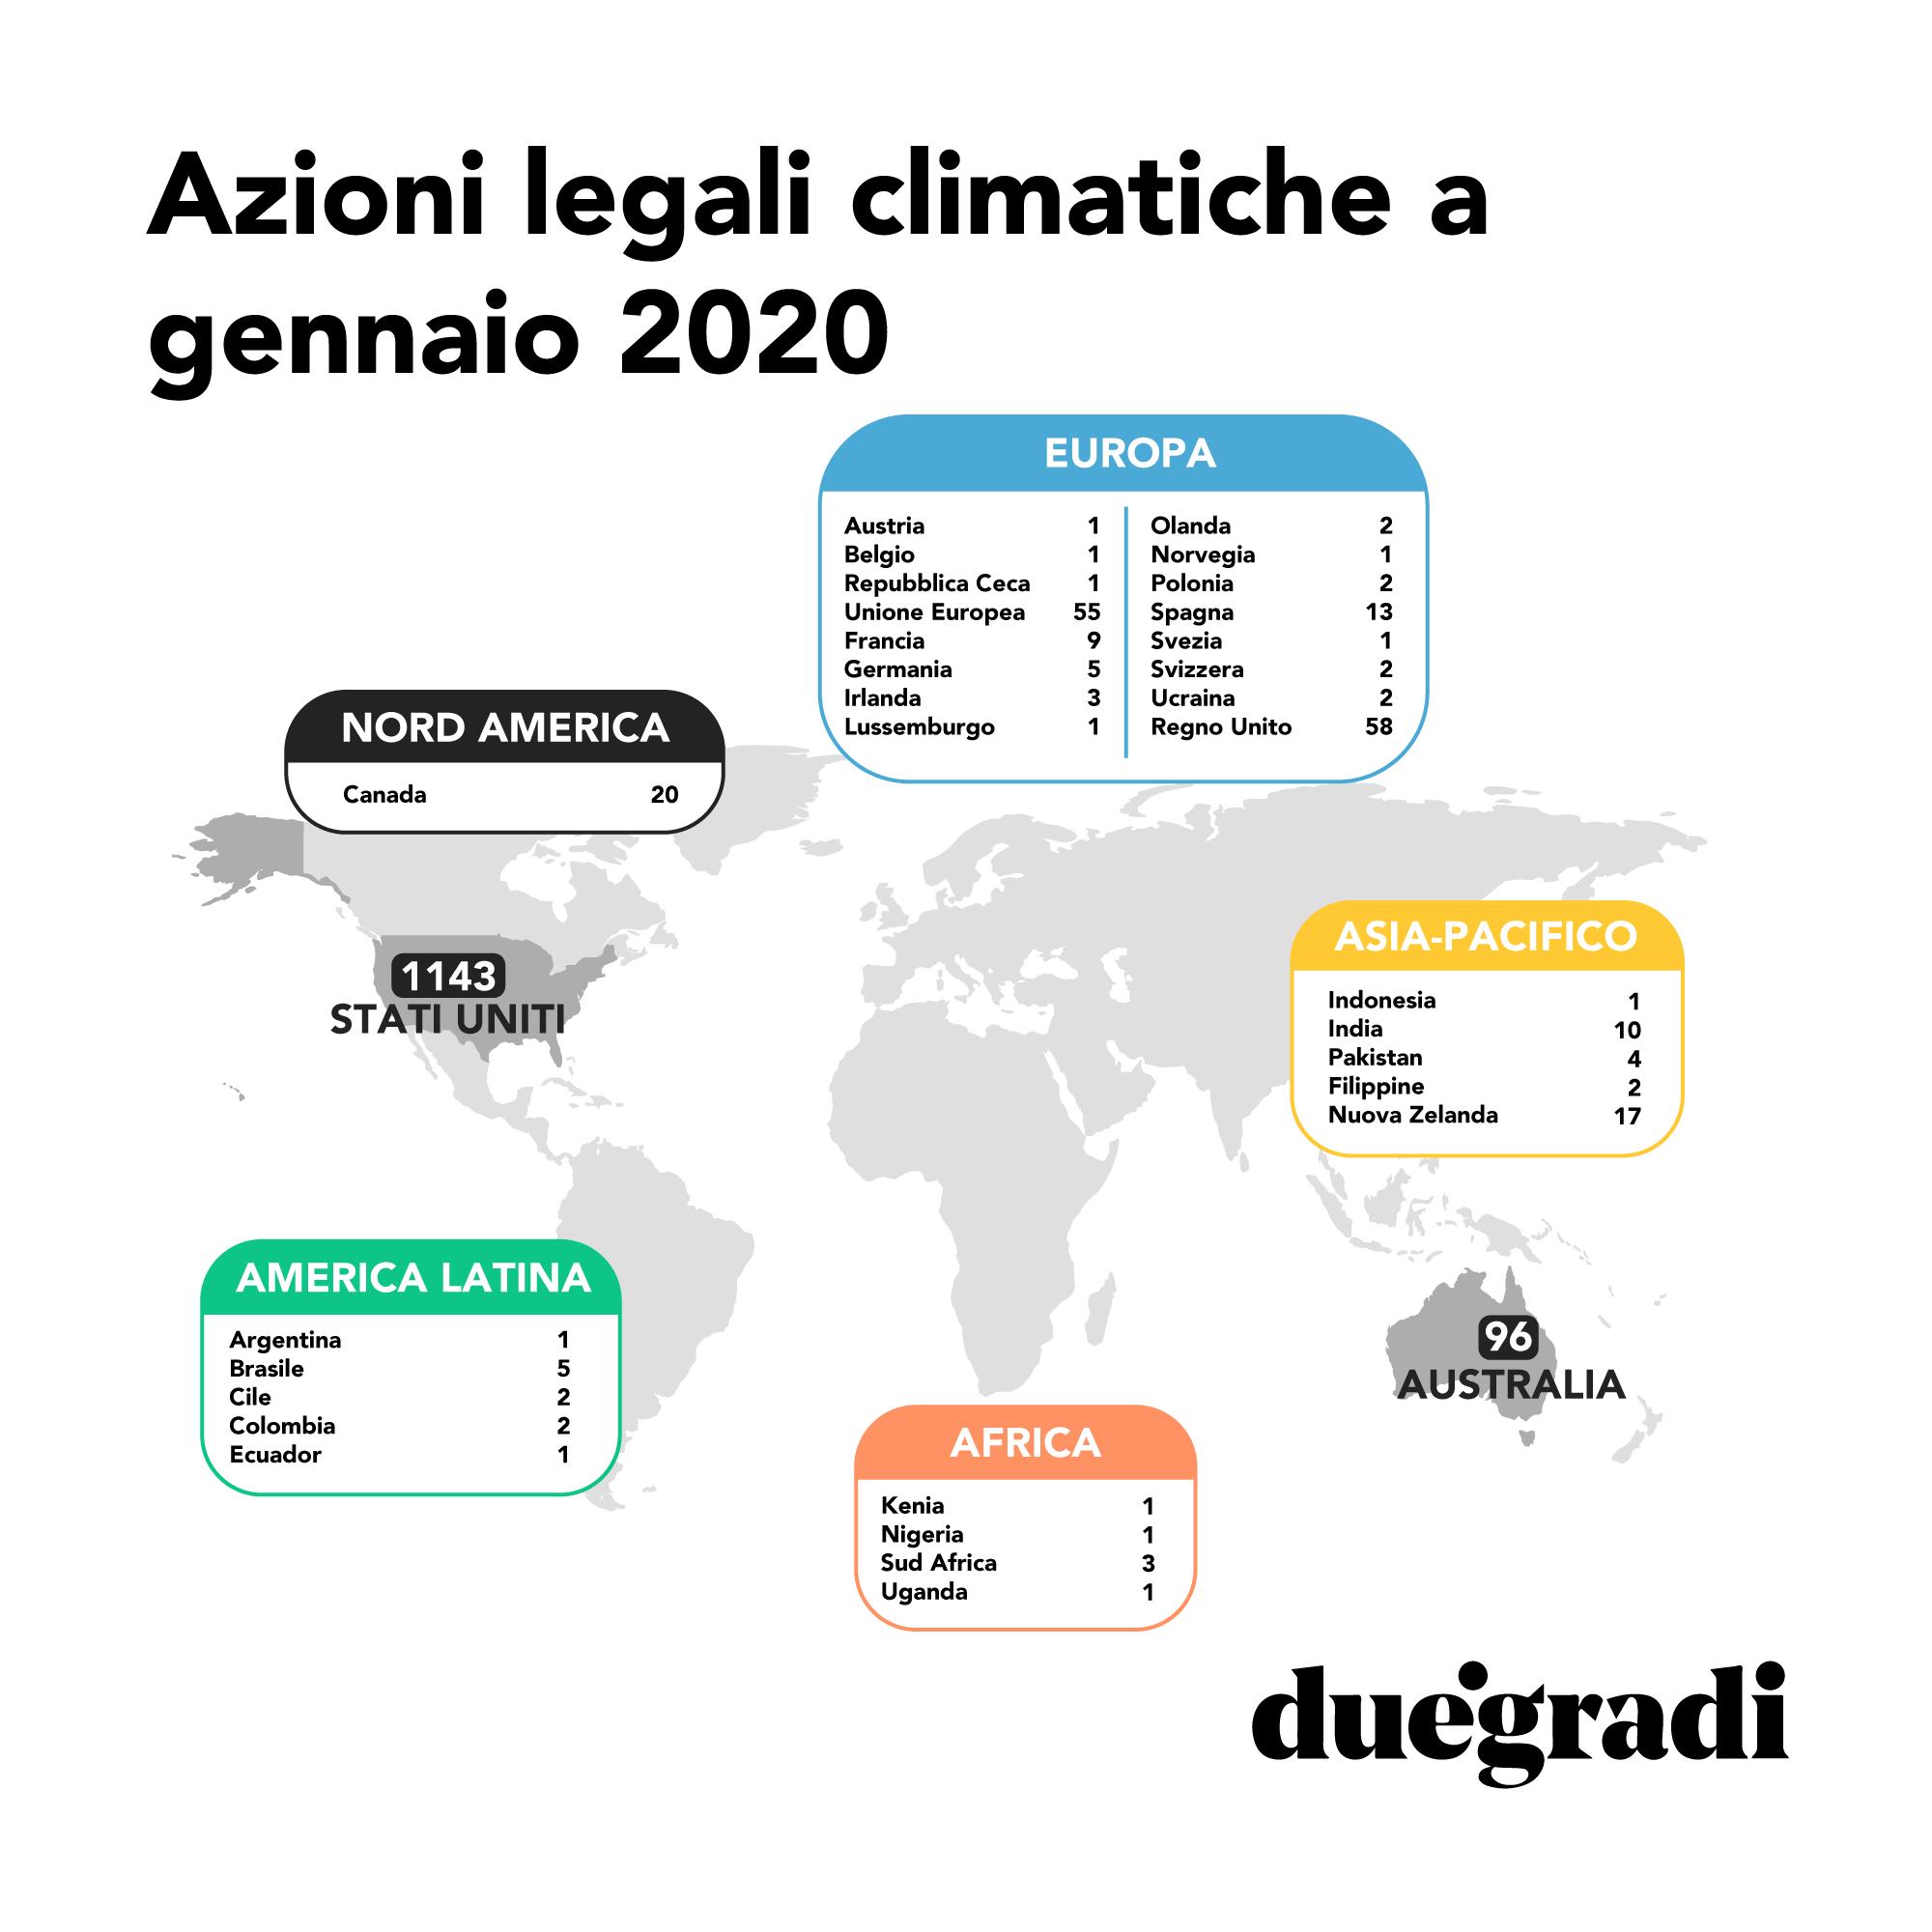 Azioni legali climatiche a gennaio 2020